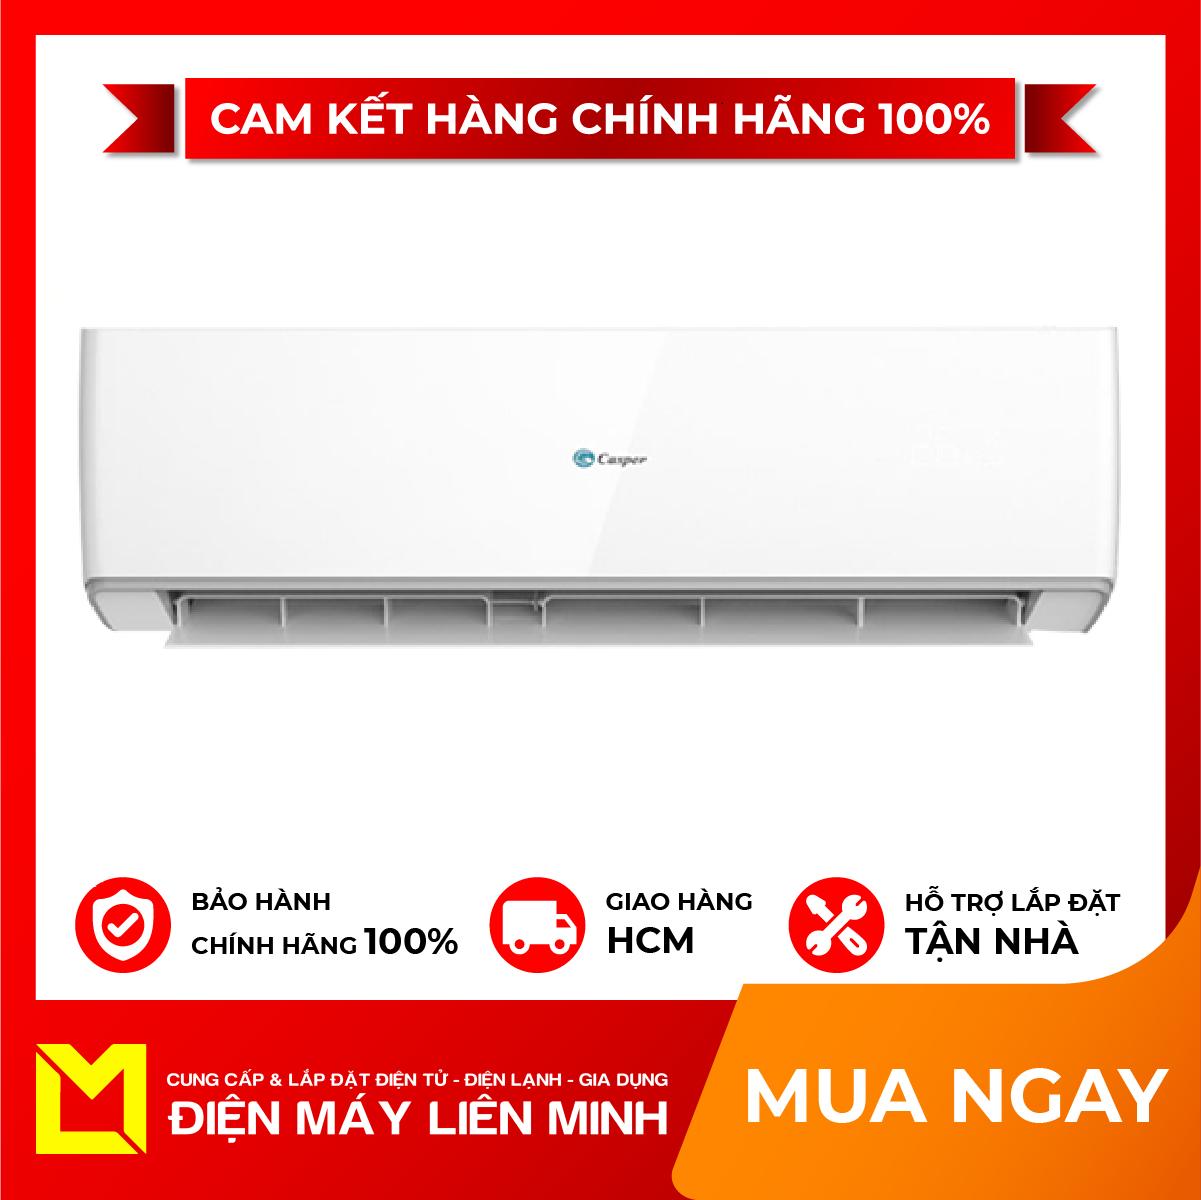 Máy lạnh Casper Inverter 1 HP IC-09TL32 – Màng lọc đa chiều Air Fresh loại bỏ vi khuẩn, bụi bẩn tối đa Loại bỏ bụi bẩn với chức năng tự làm sạch thông minh iClean Dàn tản nhiệt bằng đồng làm lạnh hiệu quả, tăng tuổi thọ